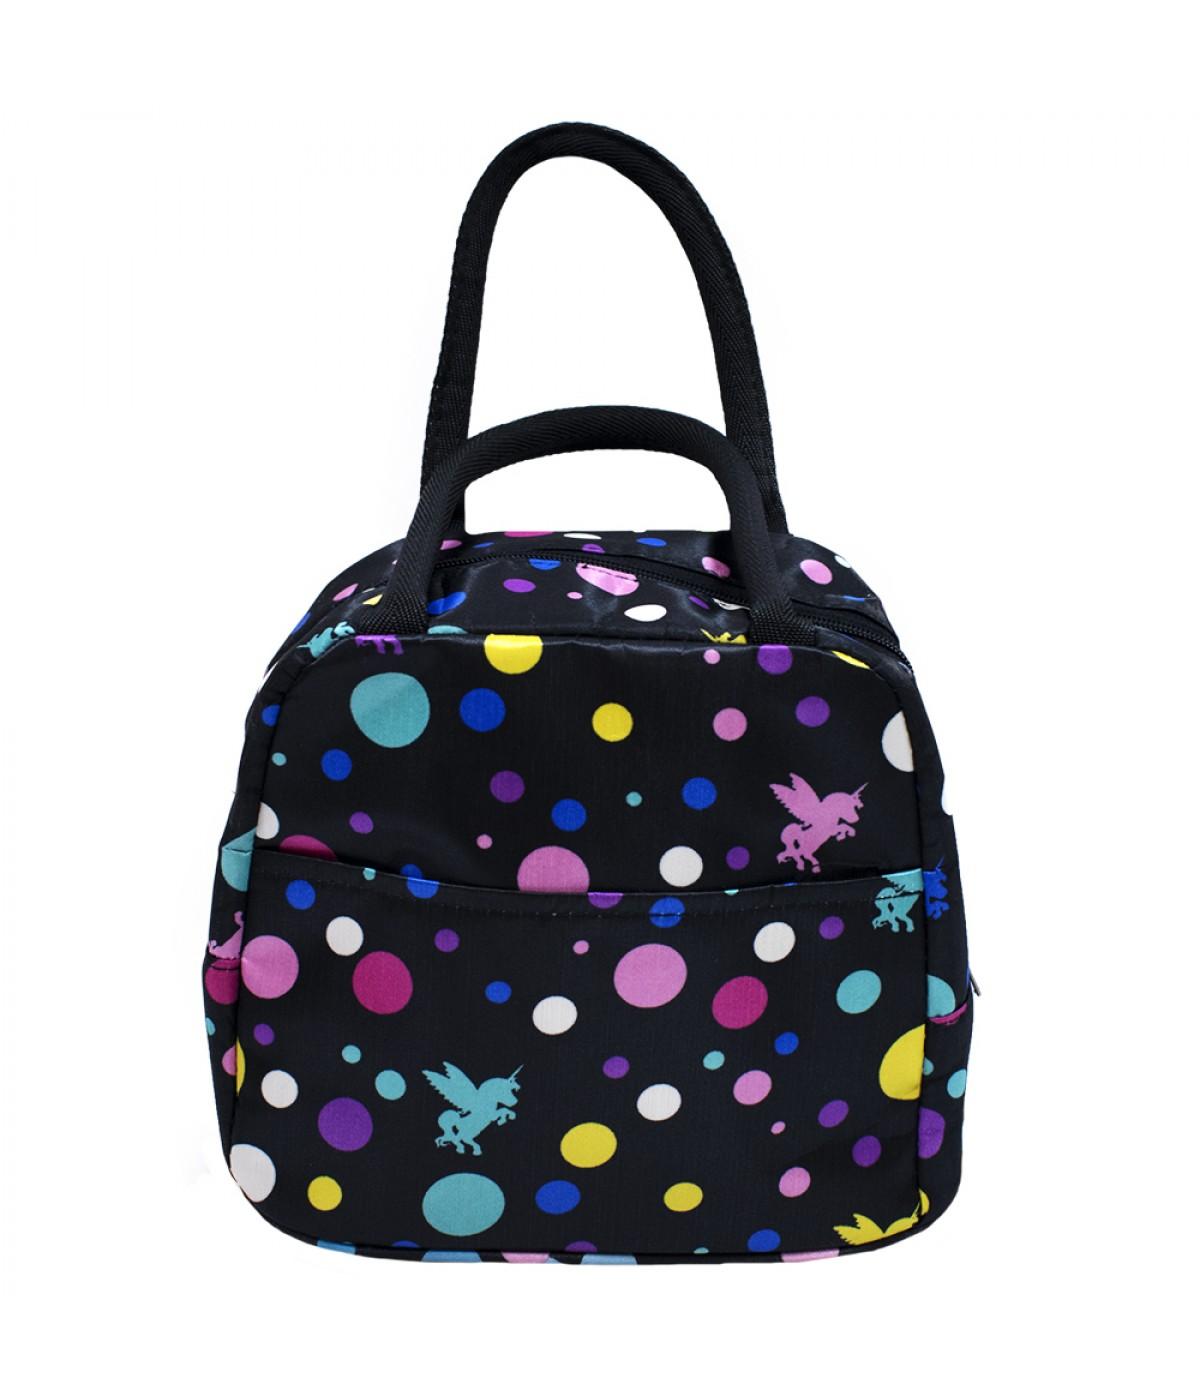 Bolsa Térmica preta bolas coloridas unicórnio 20x16x24cm